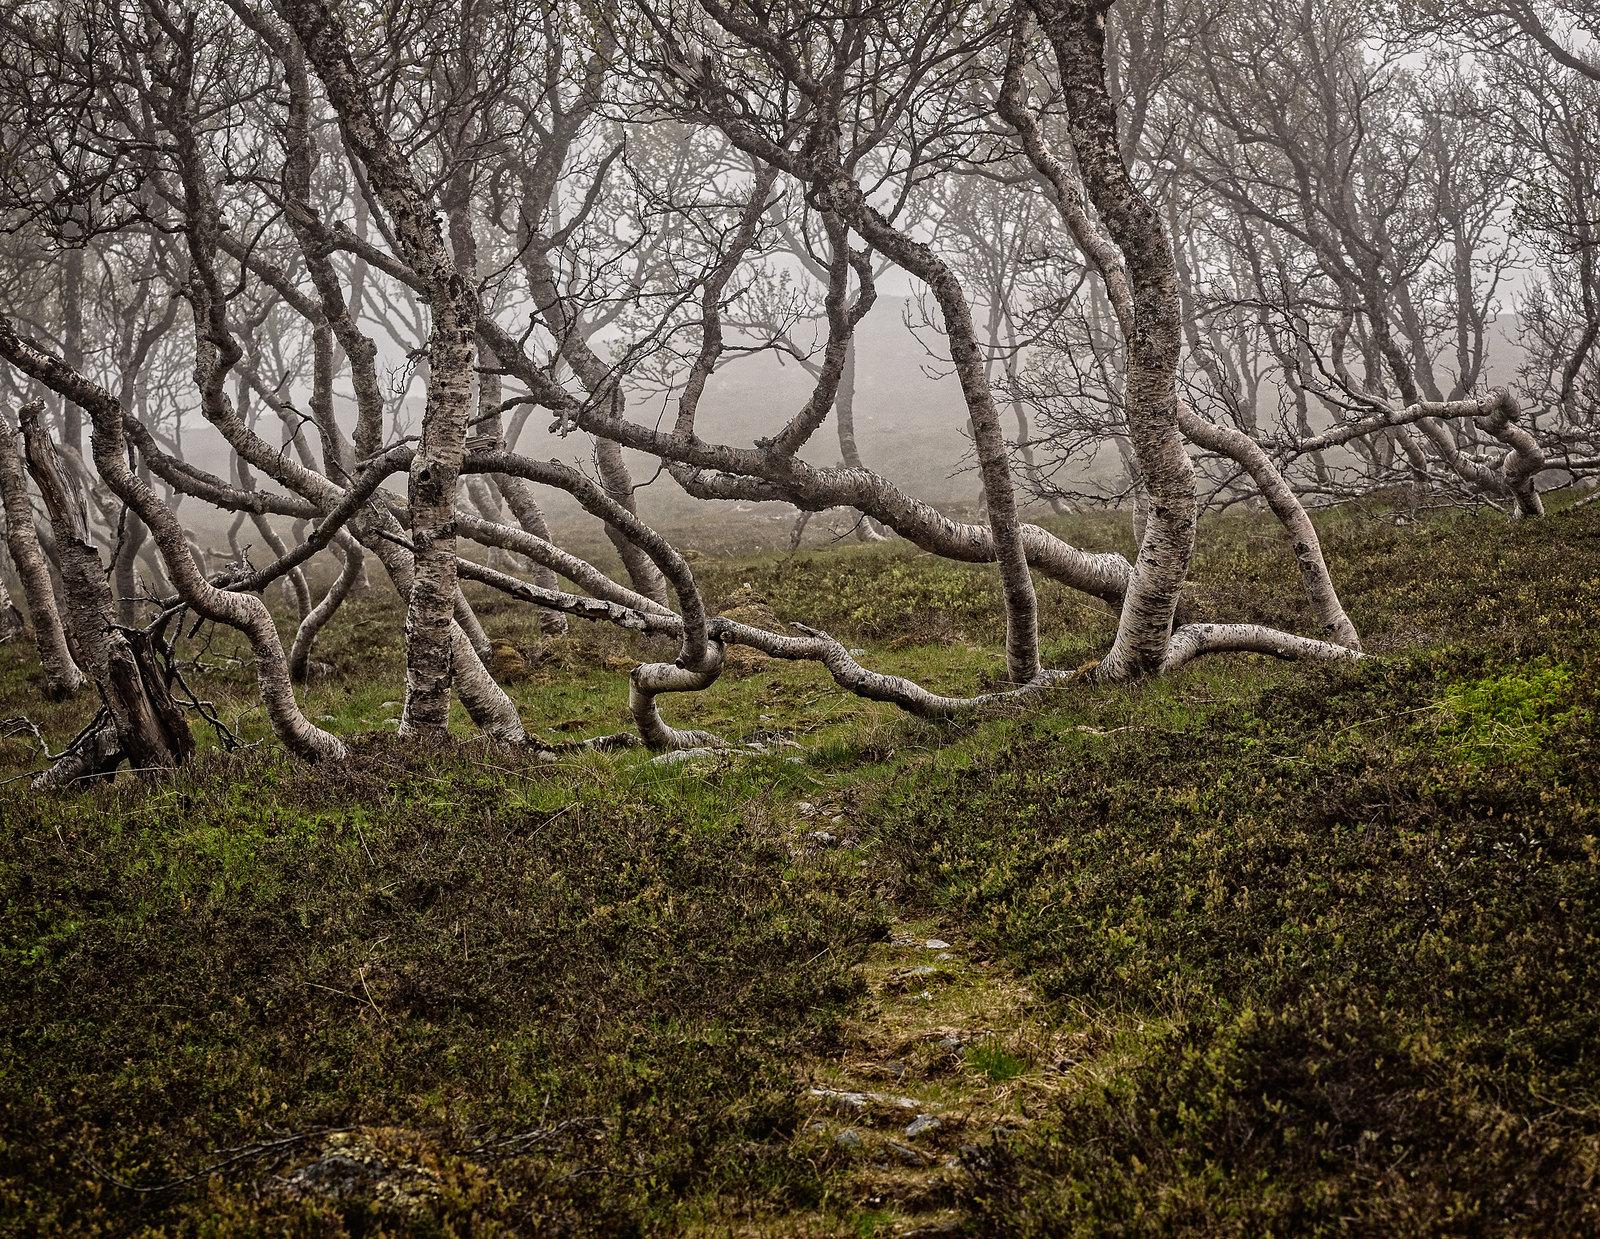 Inn i tåkeheimen / Into the mist